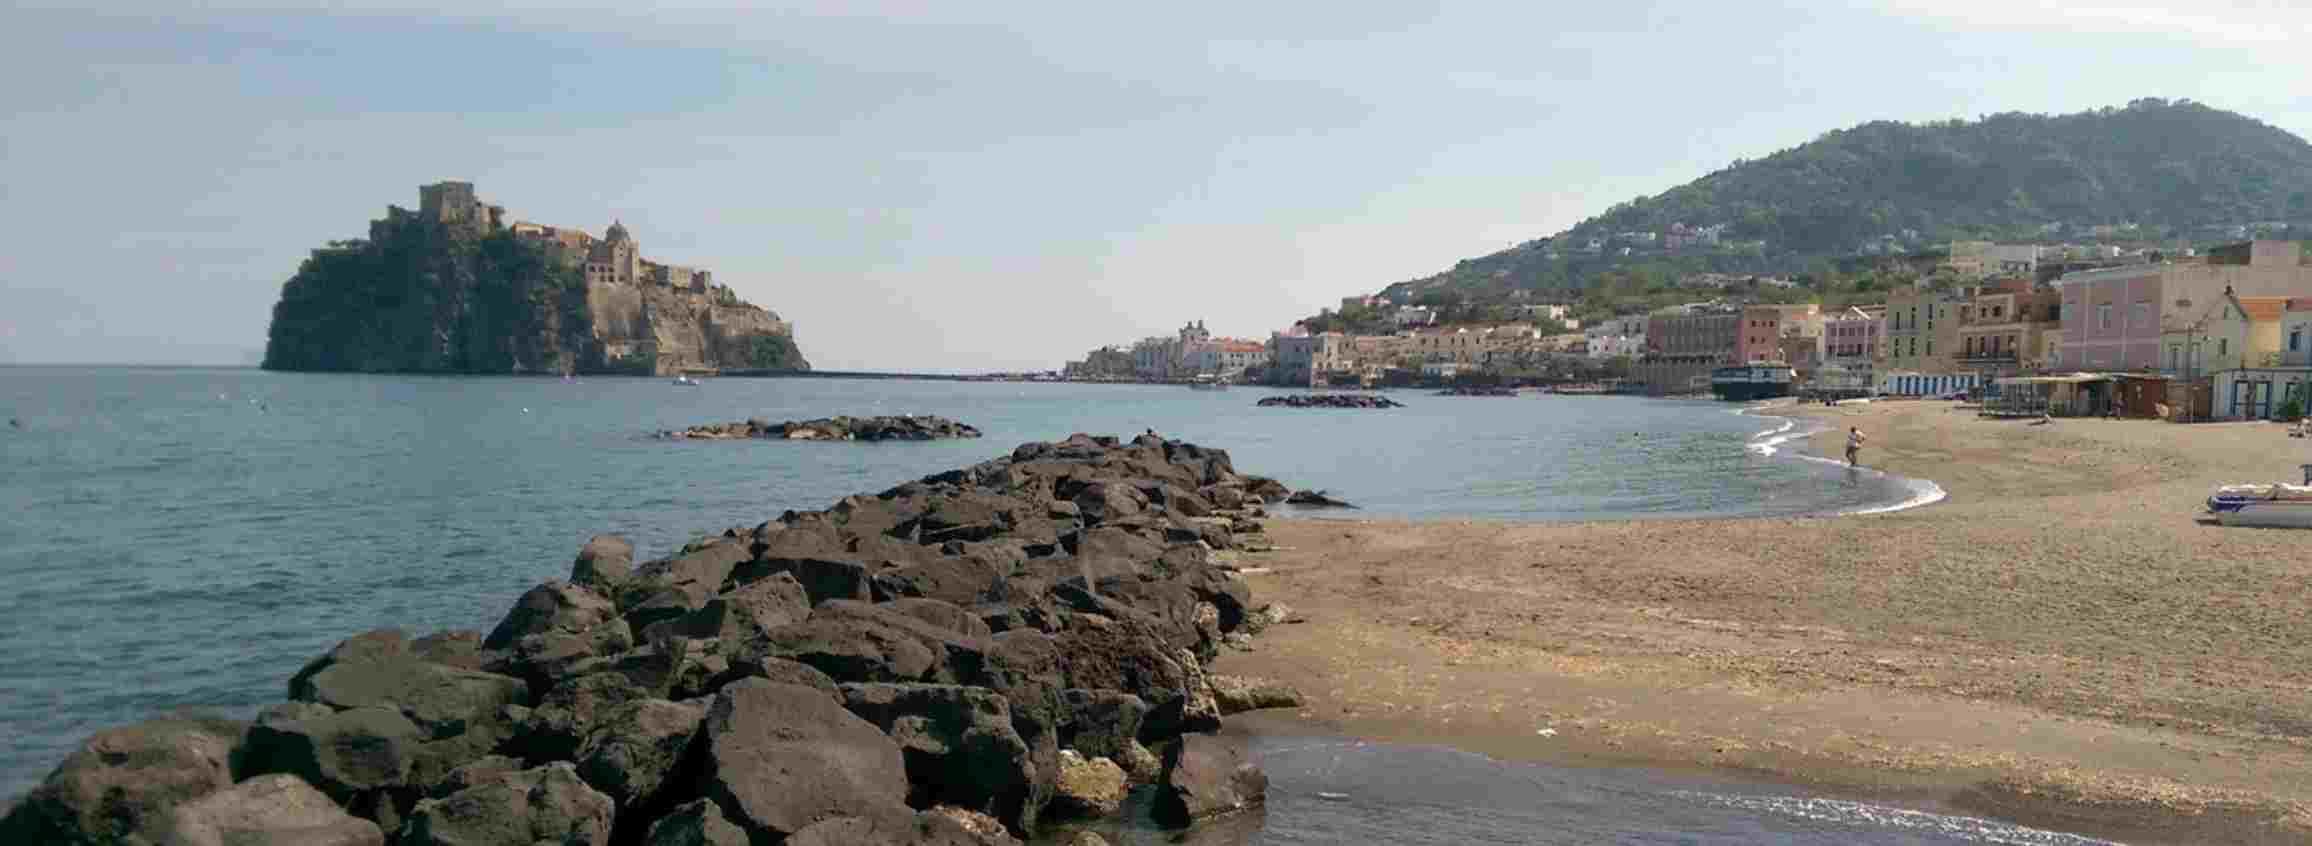 spiaggia da vedere ischia i pescatori